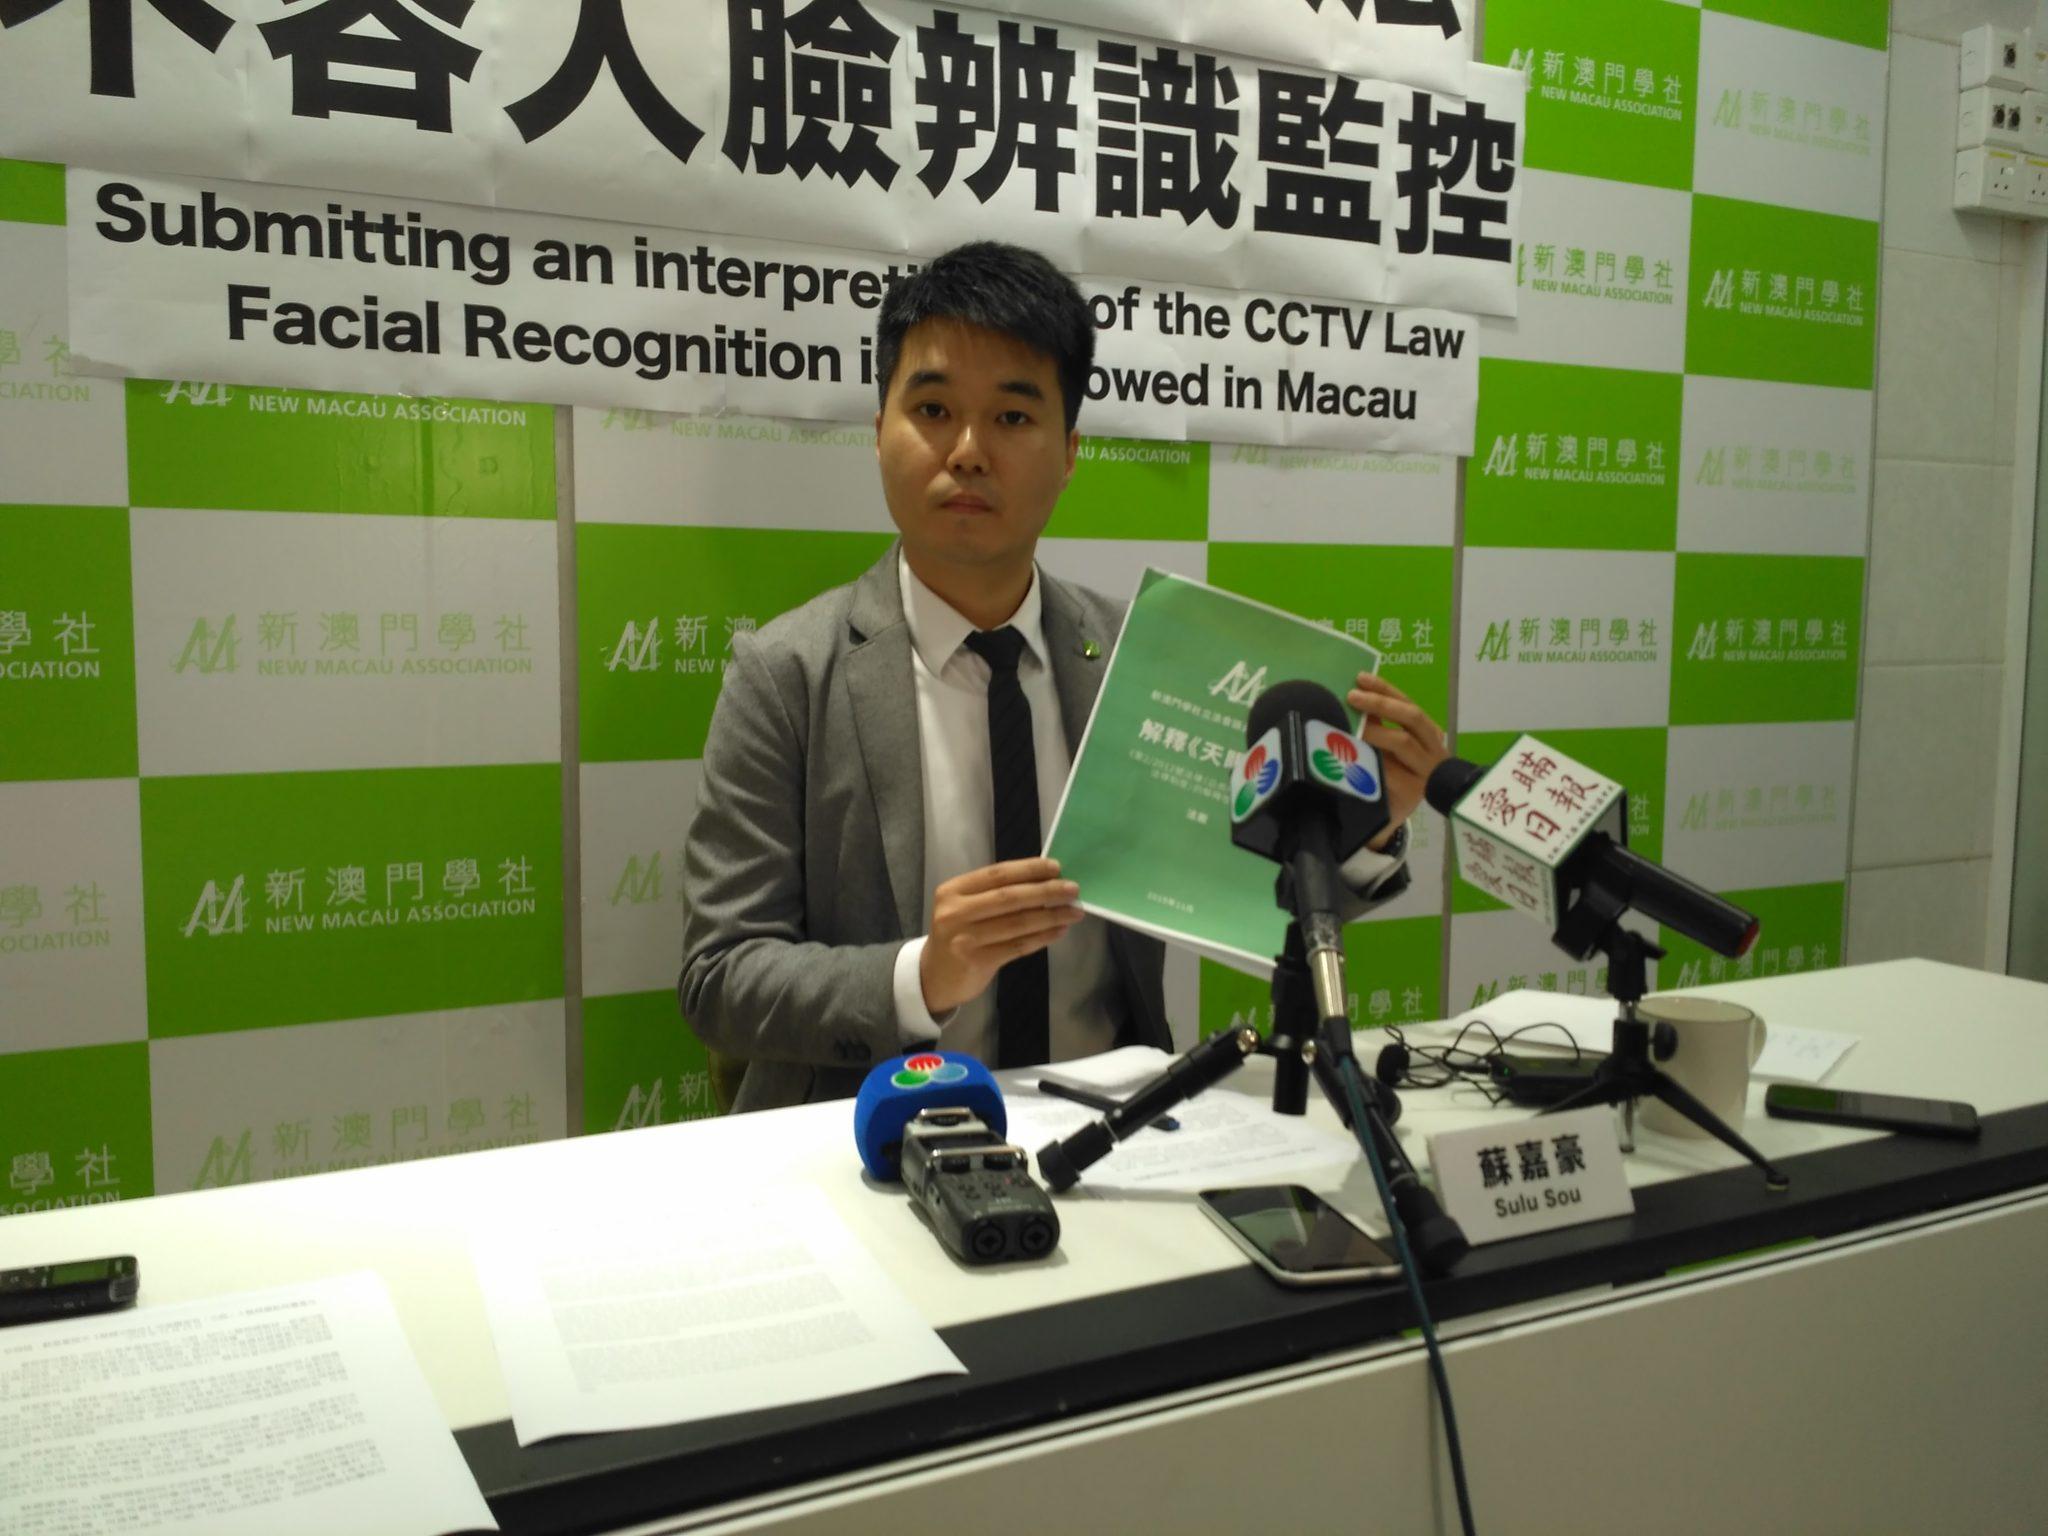 Sulu Sou preocupado com permanência de Wong Sio Chak no Governo